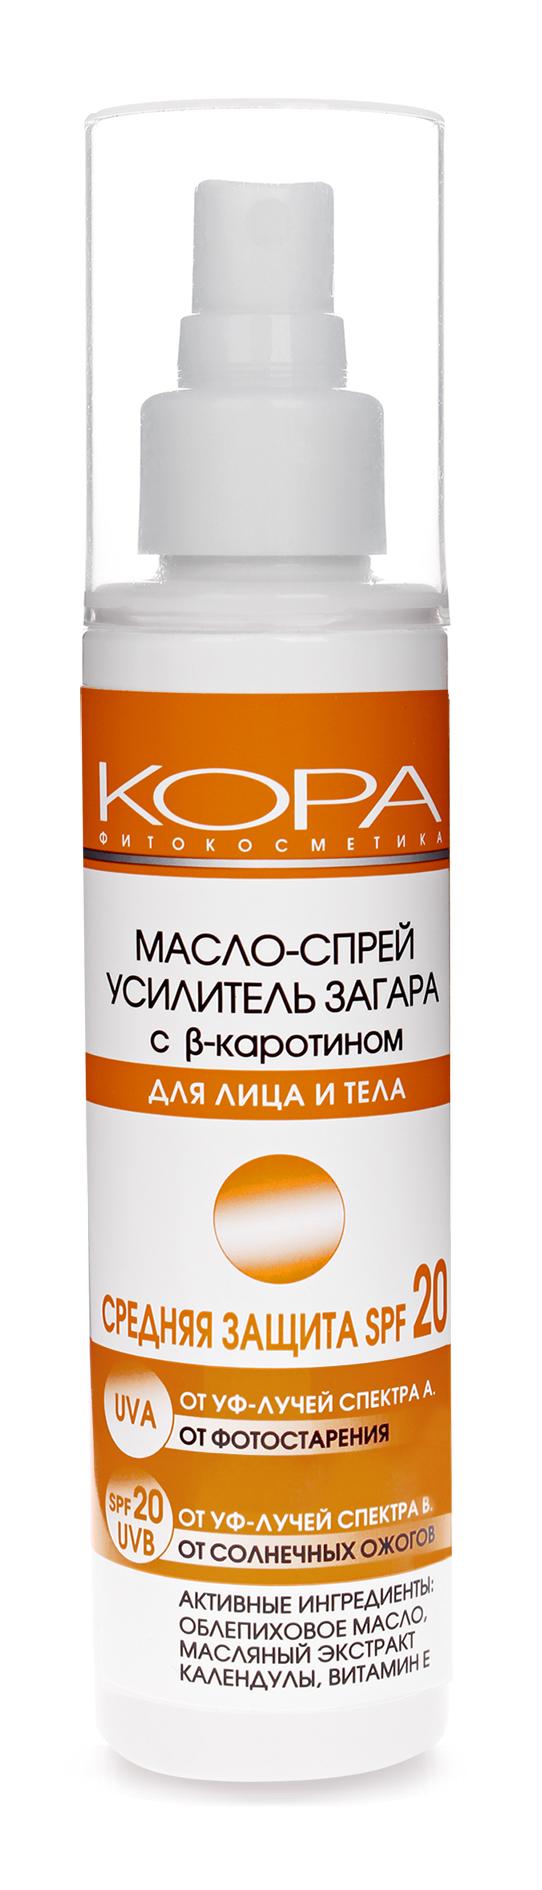 KORA Масло-спрей усилитель загара с B-каротином SPF20 150мл